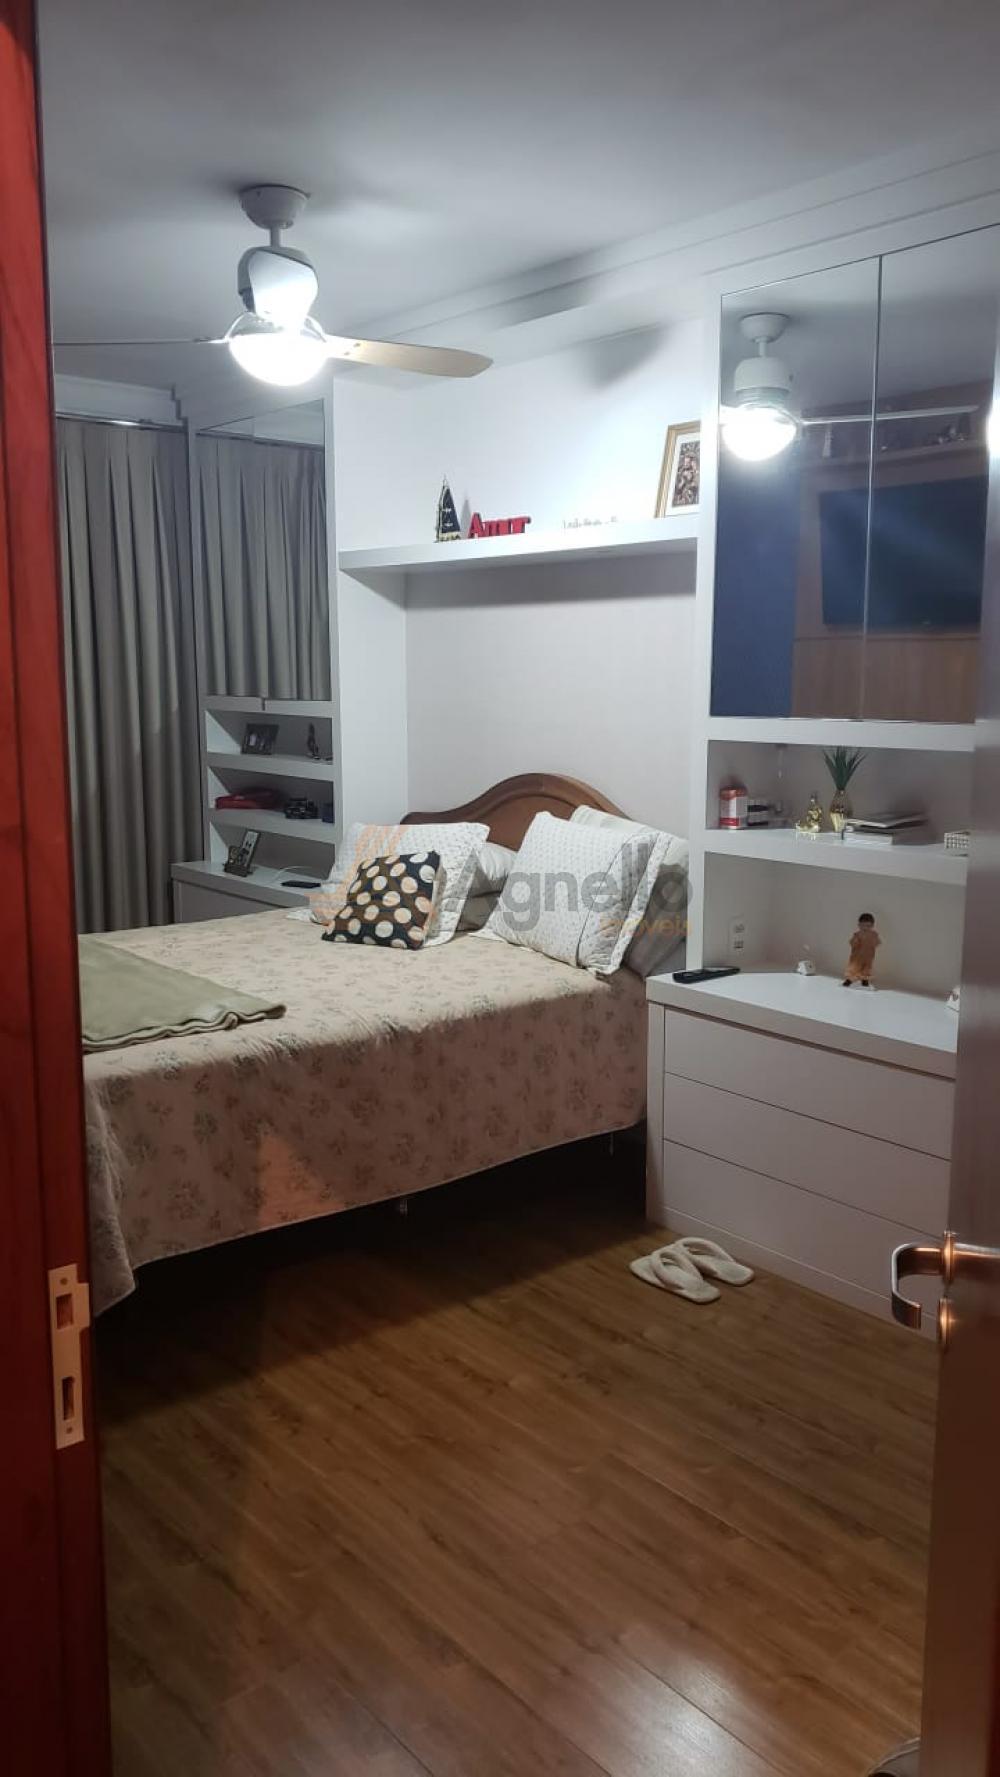 Comprar Apartamento / Padrão em Franca R$ 690.000,00 - Foto 9